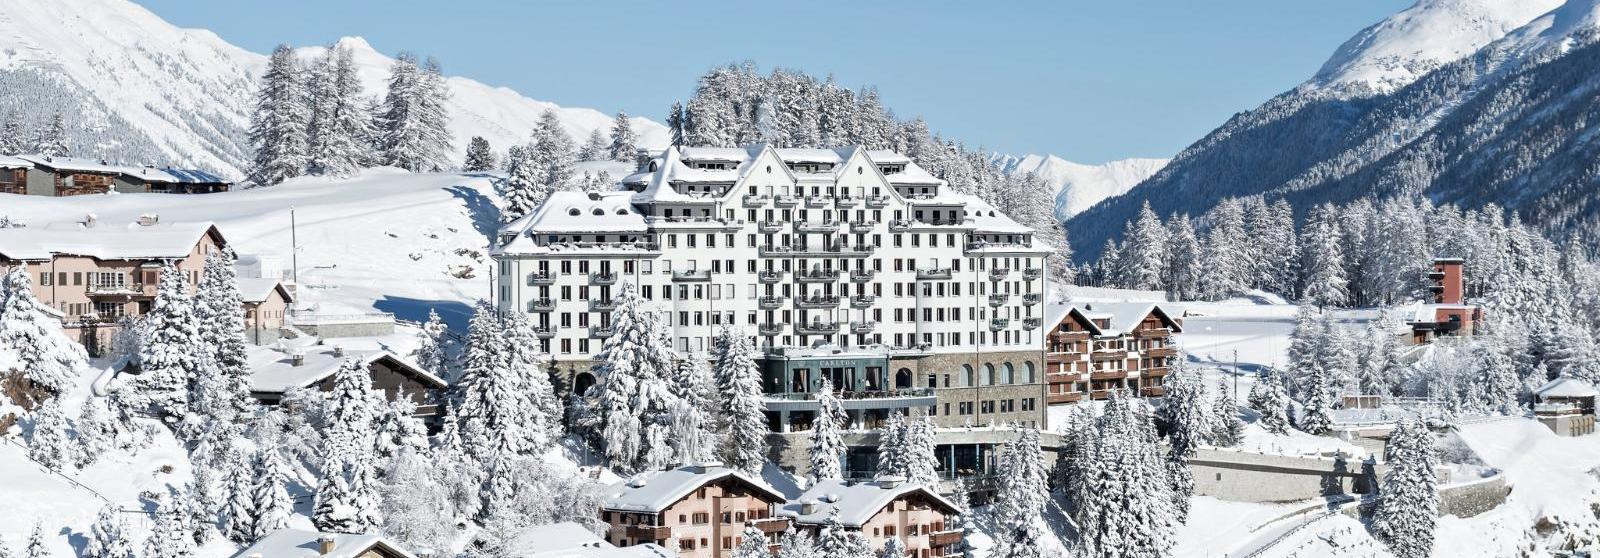 圣莫里茨卡尔顿酒店(Carlton Hotel St. Moritz) 酒店外观图片  www.lhw.cn